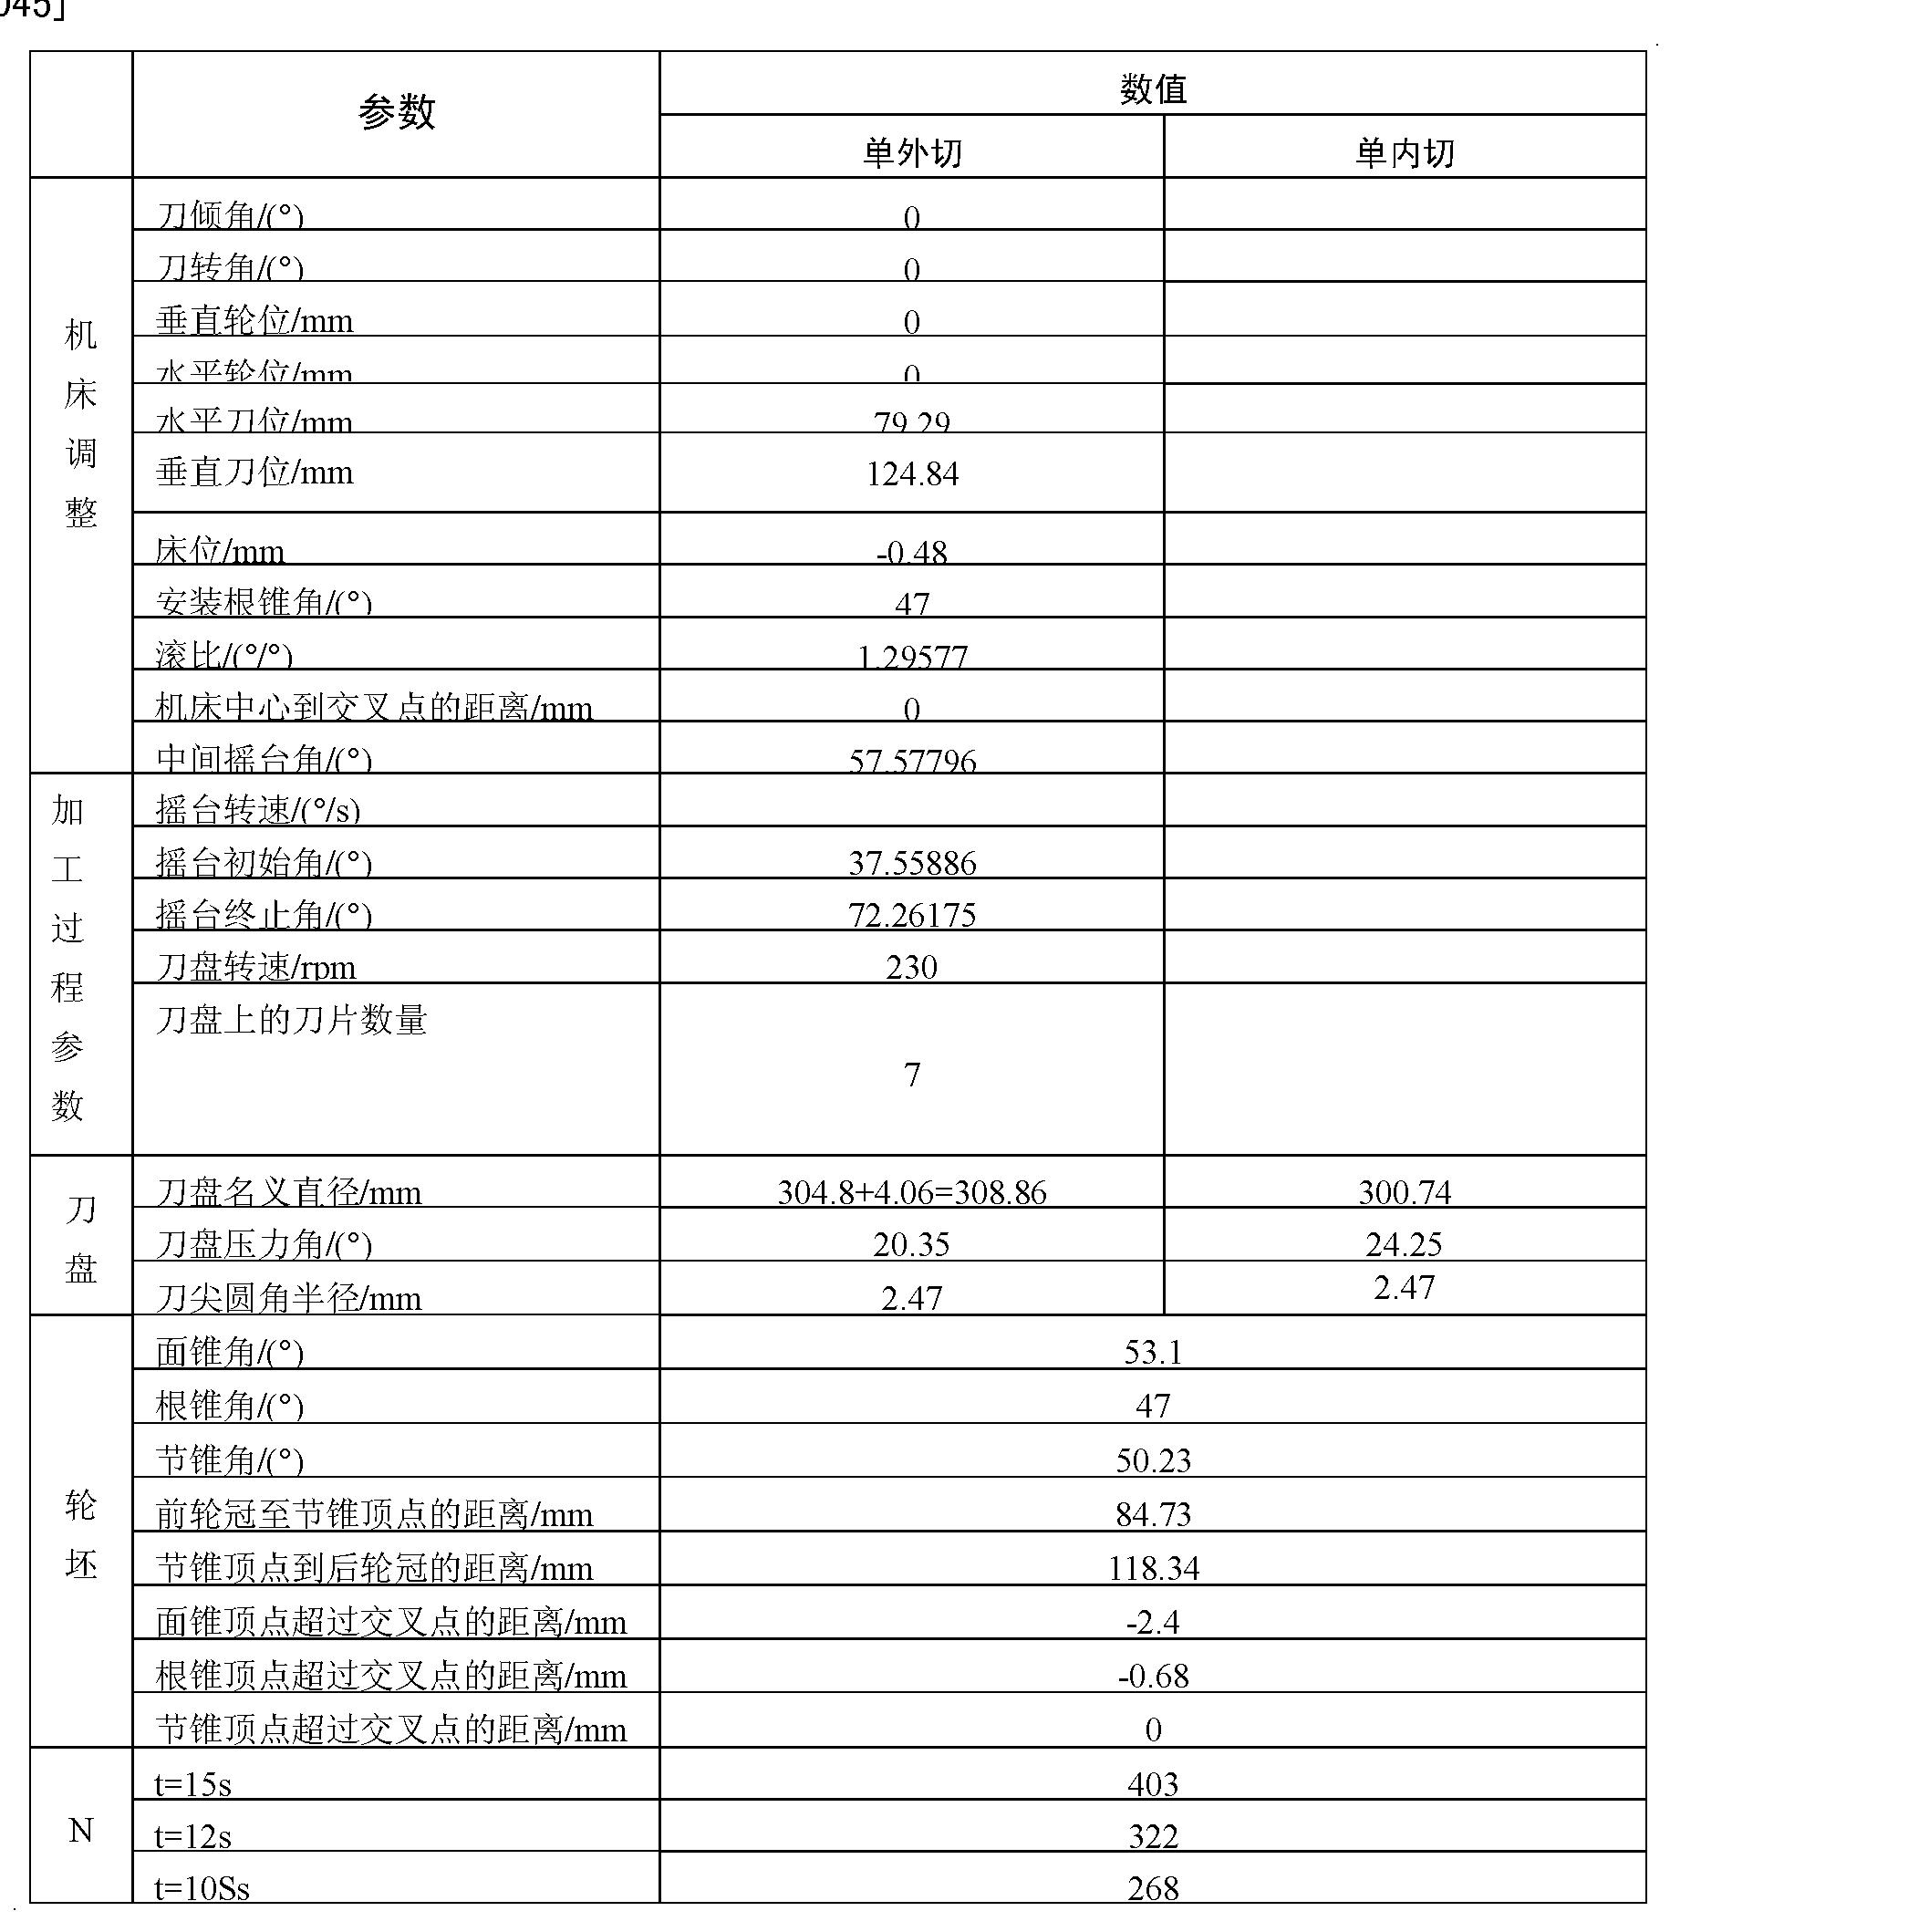 锥齿轮参数计算软件_CN102393647A - 一种螺旋锥齿轮切削量的控制方法 - Google Patents